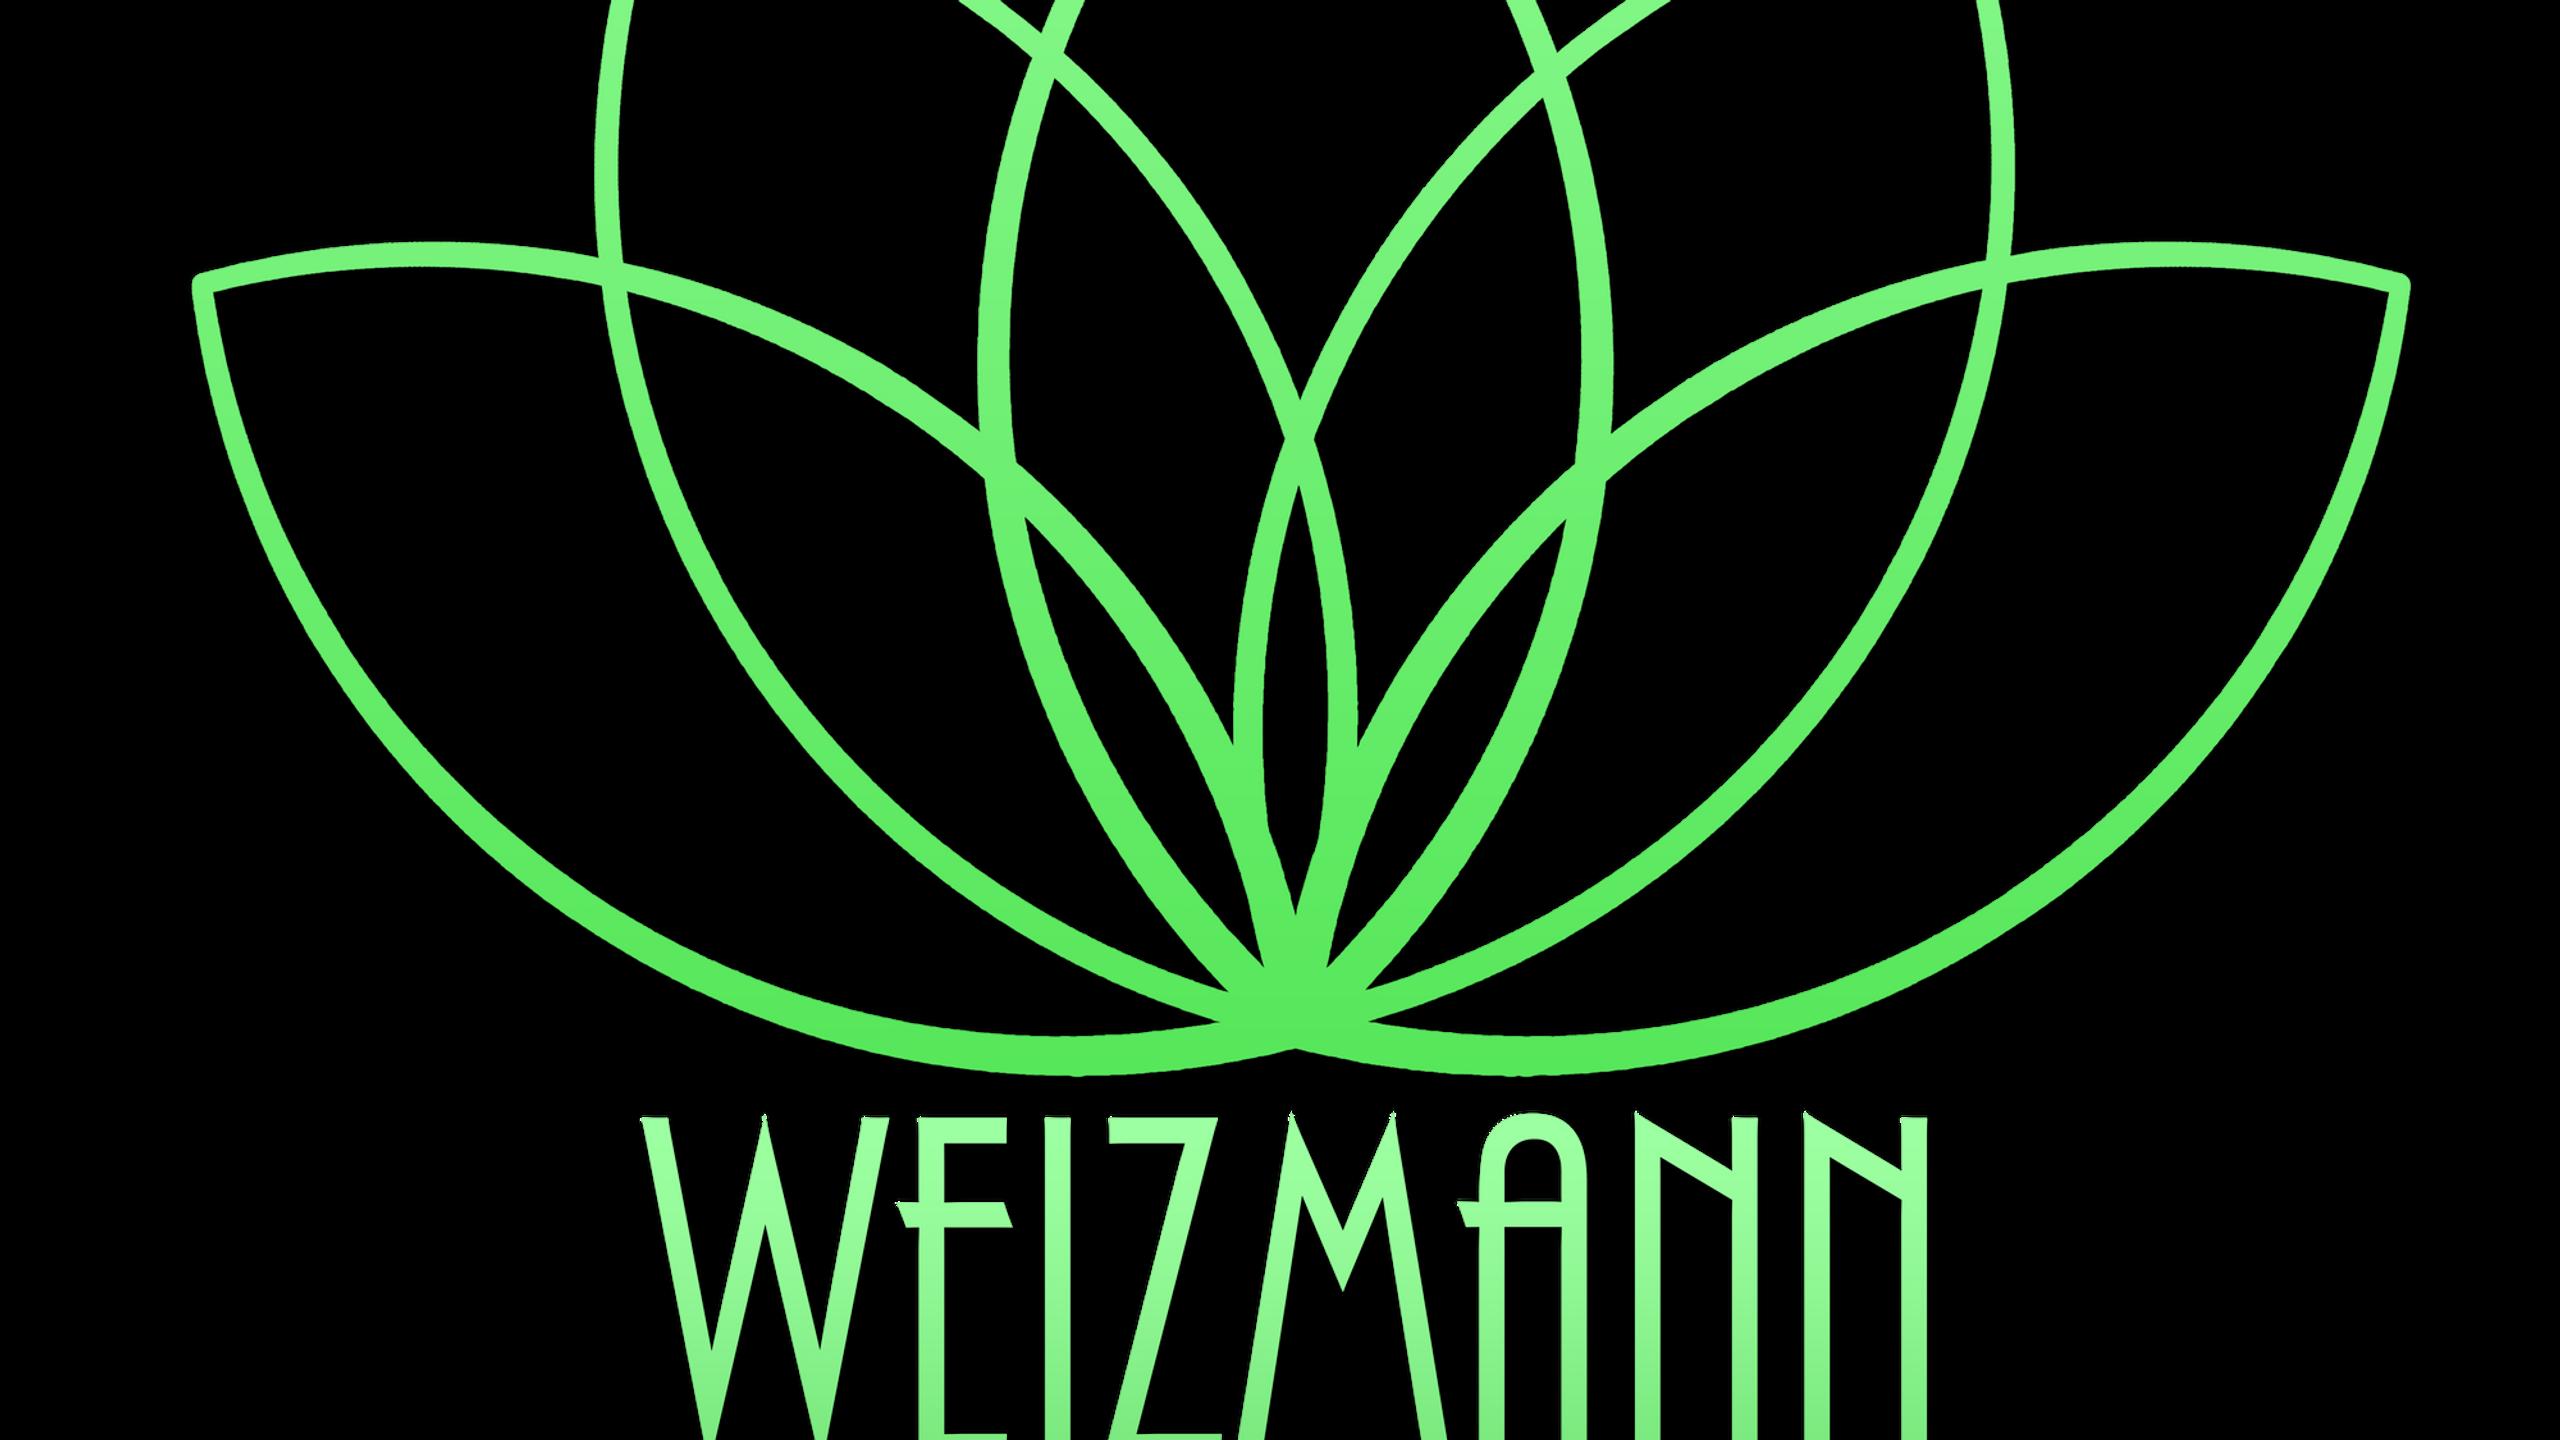 ויצמן סטודיו - Studio Weizmann